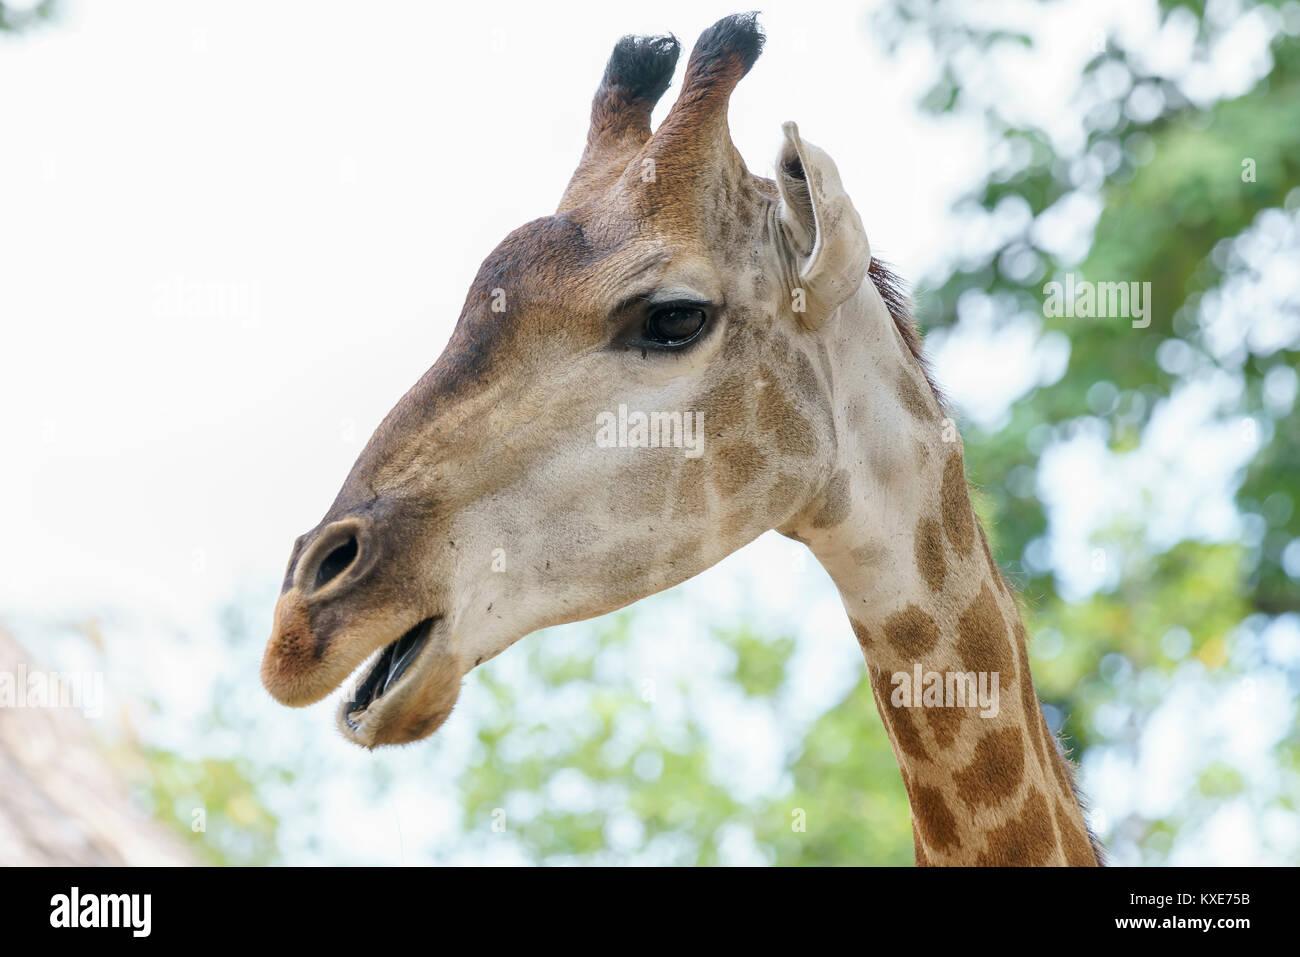 Portrait d'une girafe au long cou et tête drôle aide l'animal à trouver de la nourriture sur les branches hautes Banque D'Images